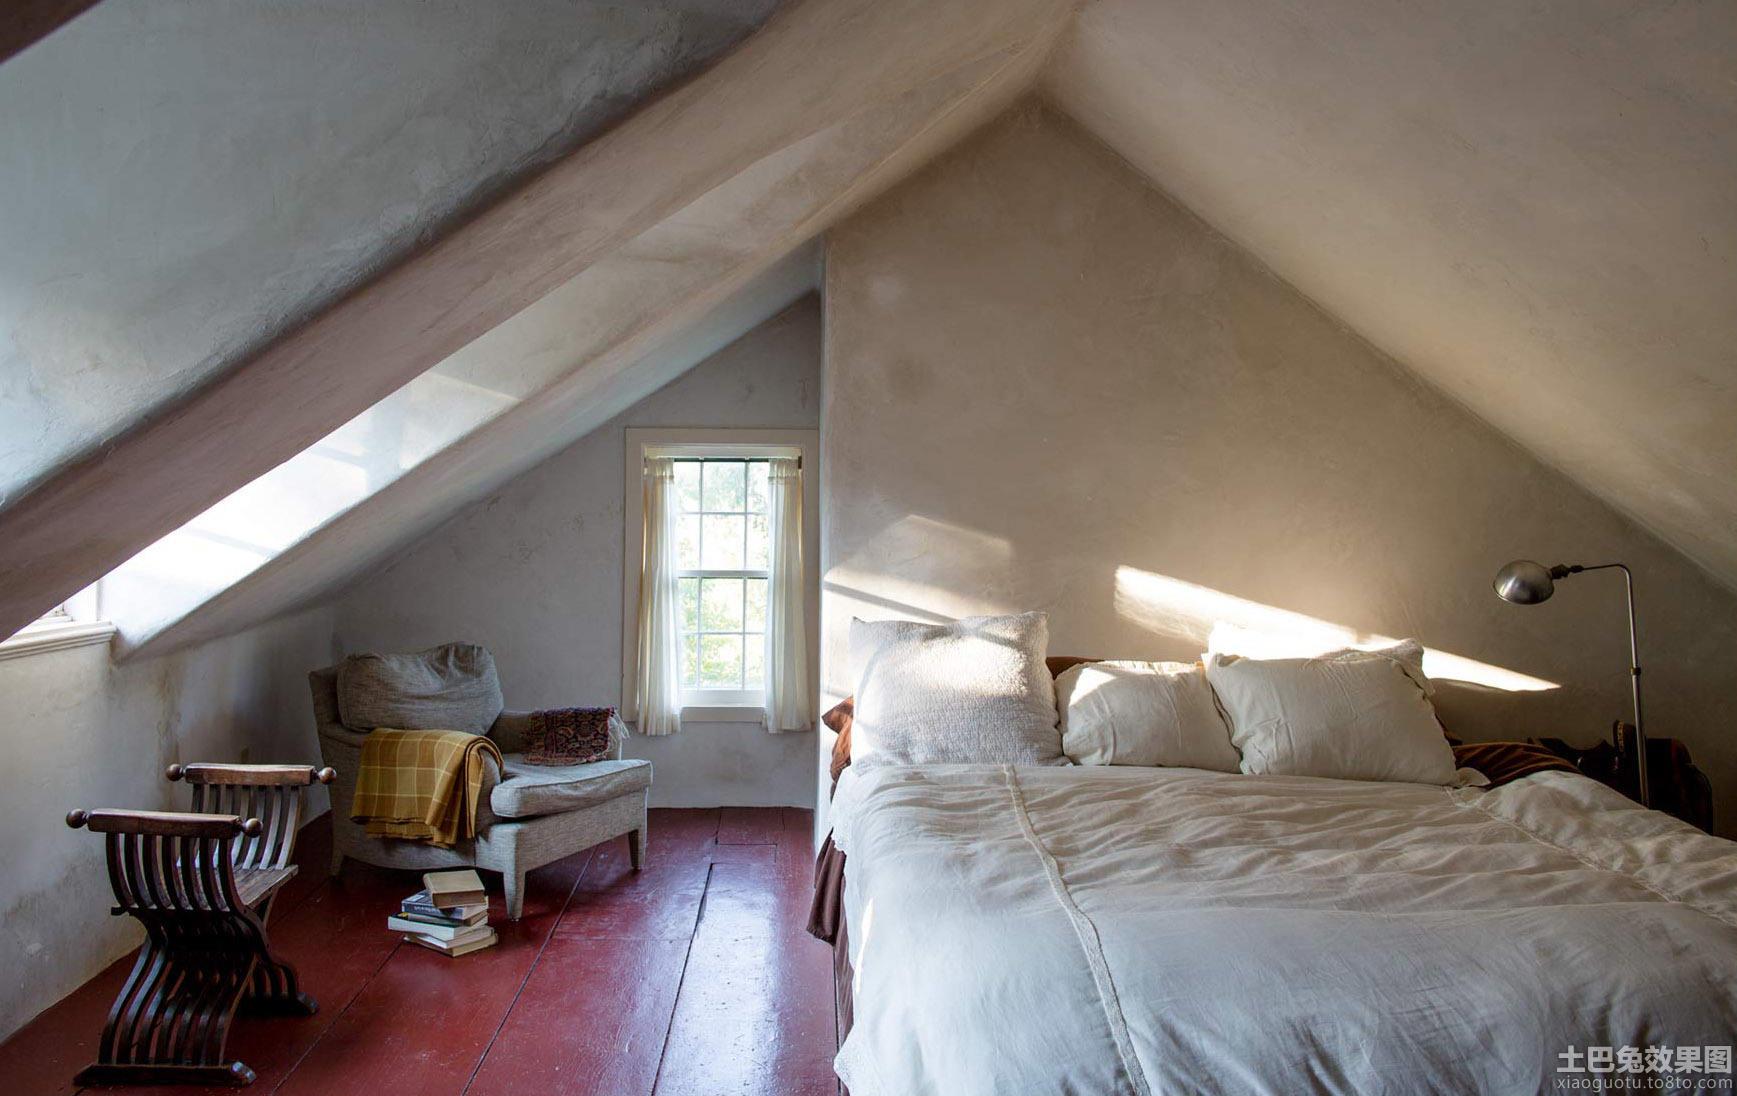 小户型卧室阁楼设计图装修效果图_第4张 - 家居图库